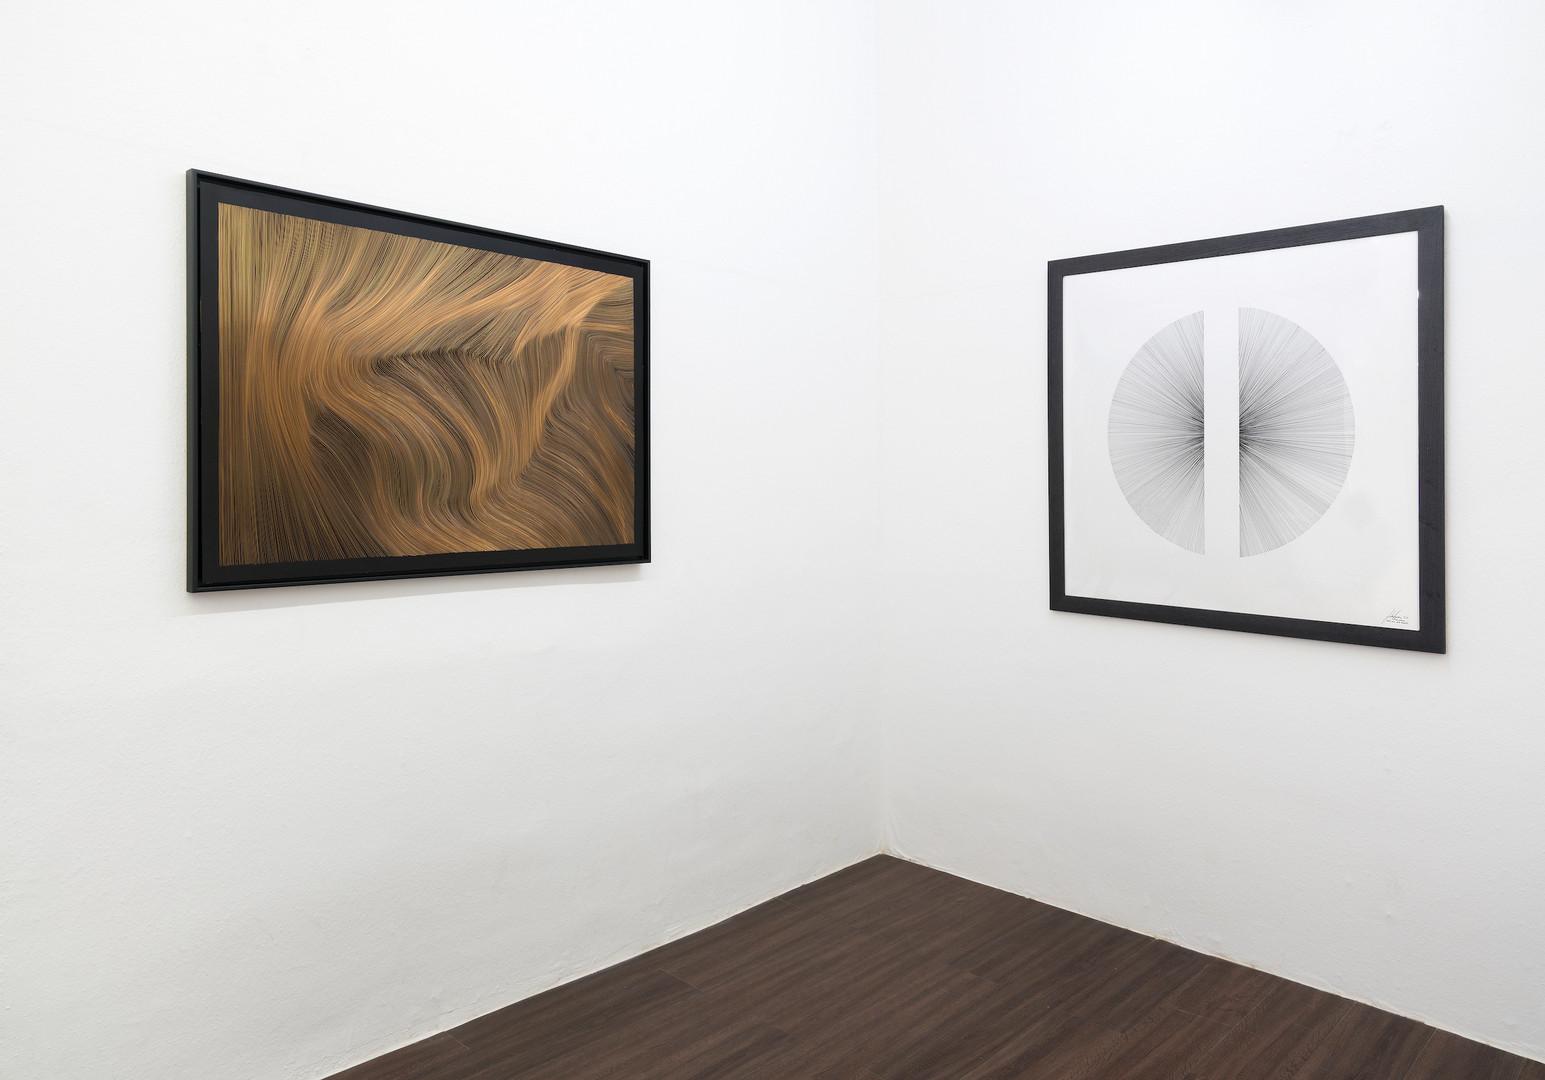 """Ausstellungsansicht """"Eyes wide open"""" in der Kunsthalle Ludwig, Frankfurt: John Franzen Each line one breath 2017 Kupferradierung 80 x 120 cm und Zeichnung Hemisphere 2017 Fineliner auf Papier 100 x 100 cm"""